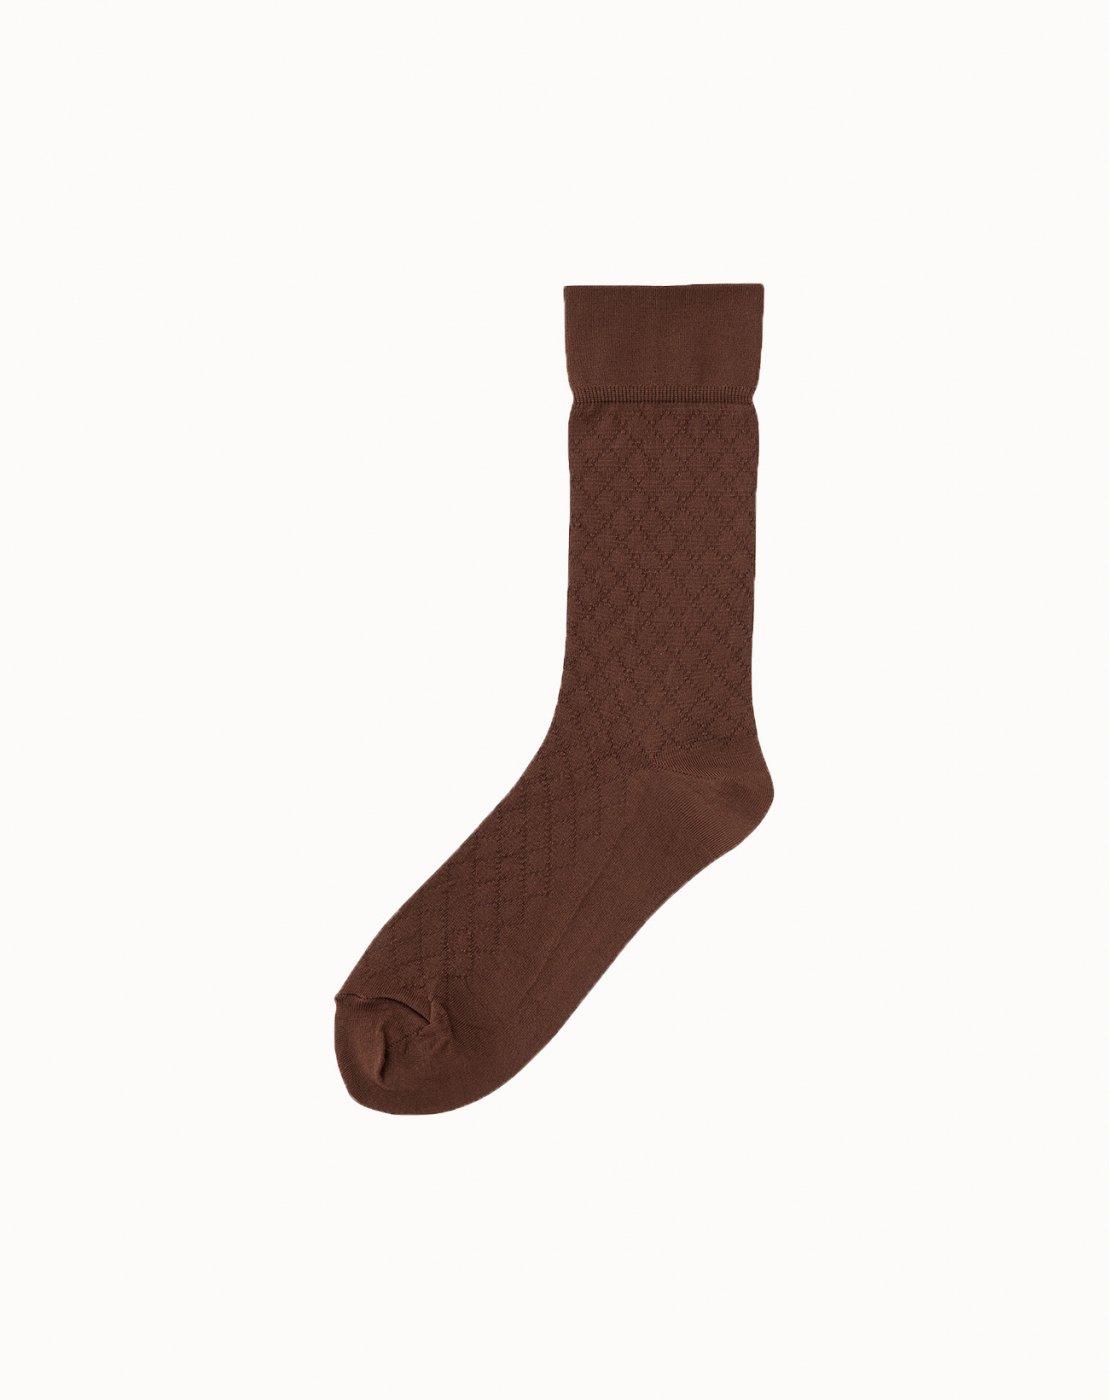 leur logette - Mesh Socks - Brown